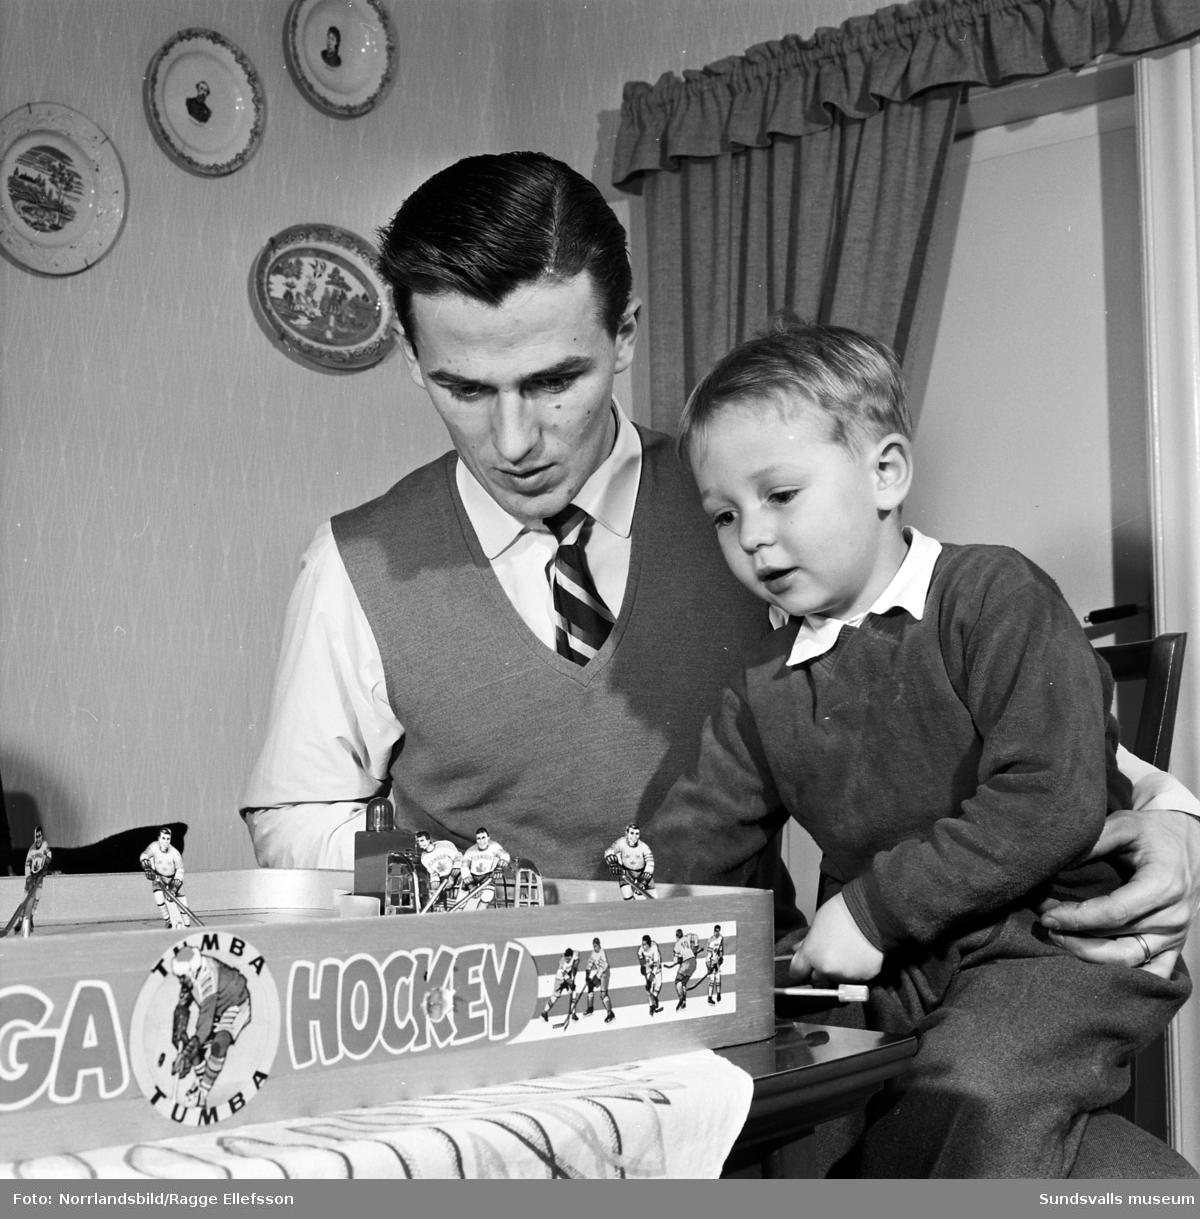 Bröderna Sören och Östen Boström, ishockeyspelare i Wifsta/Östrand. Här spelar de bordshockey hemma hos Sörens familj. Reportagebilder för Expressen.